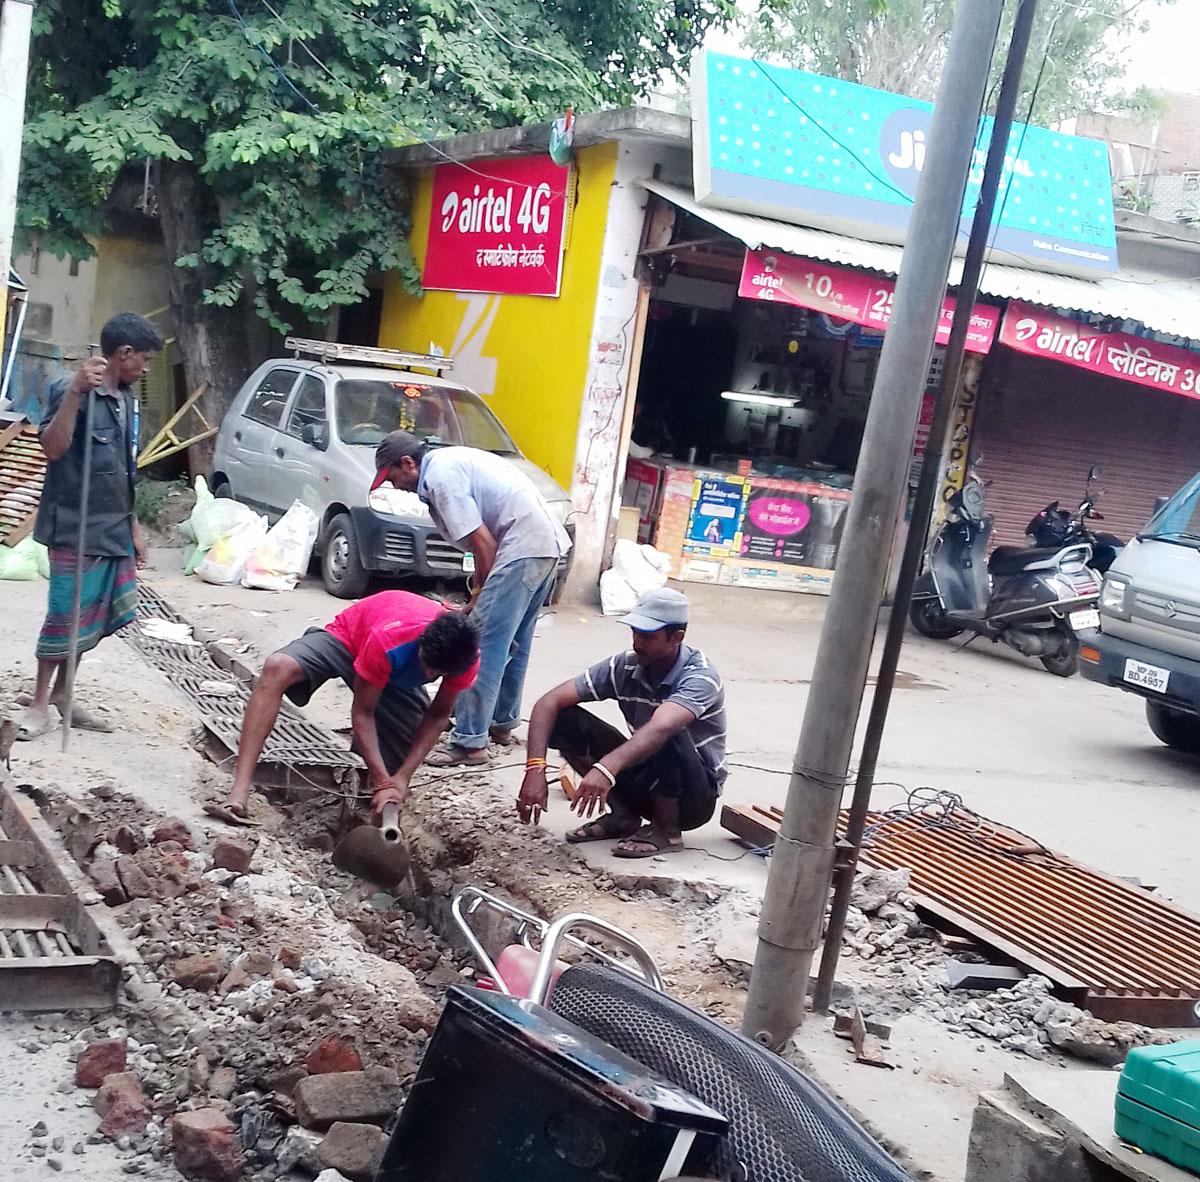 चालु काम करके कर रही नगरपालिका खाना पूर्ति-nagarpalika-doing-bad-work-in-jhabua